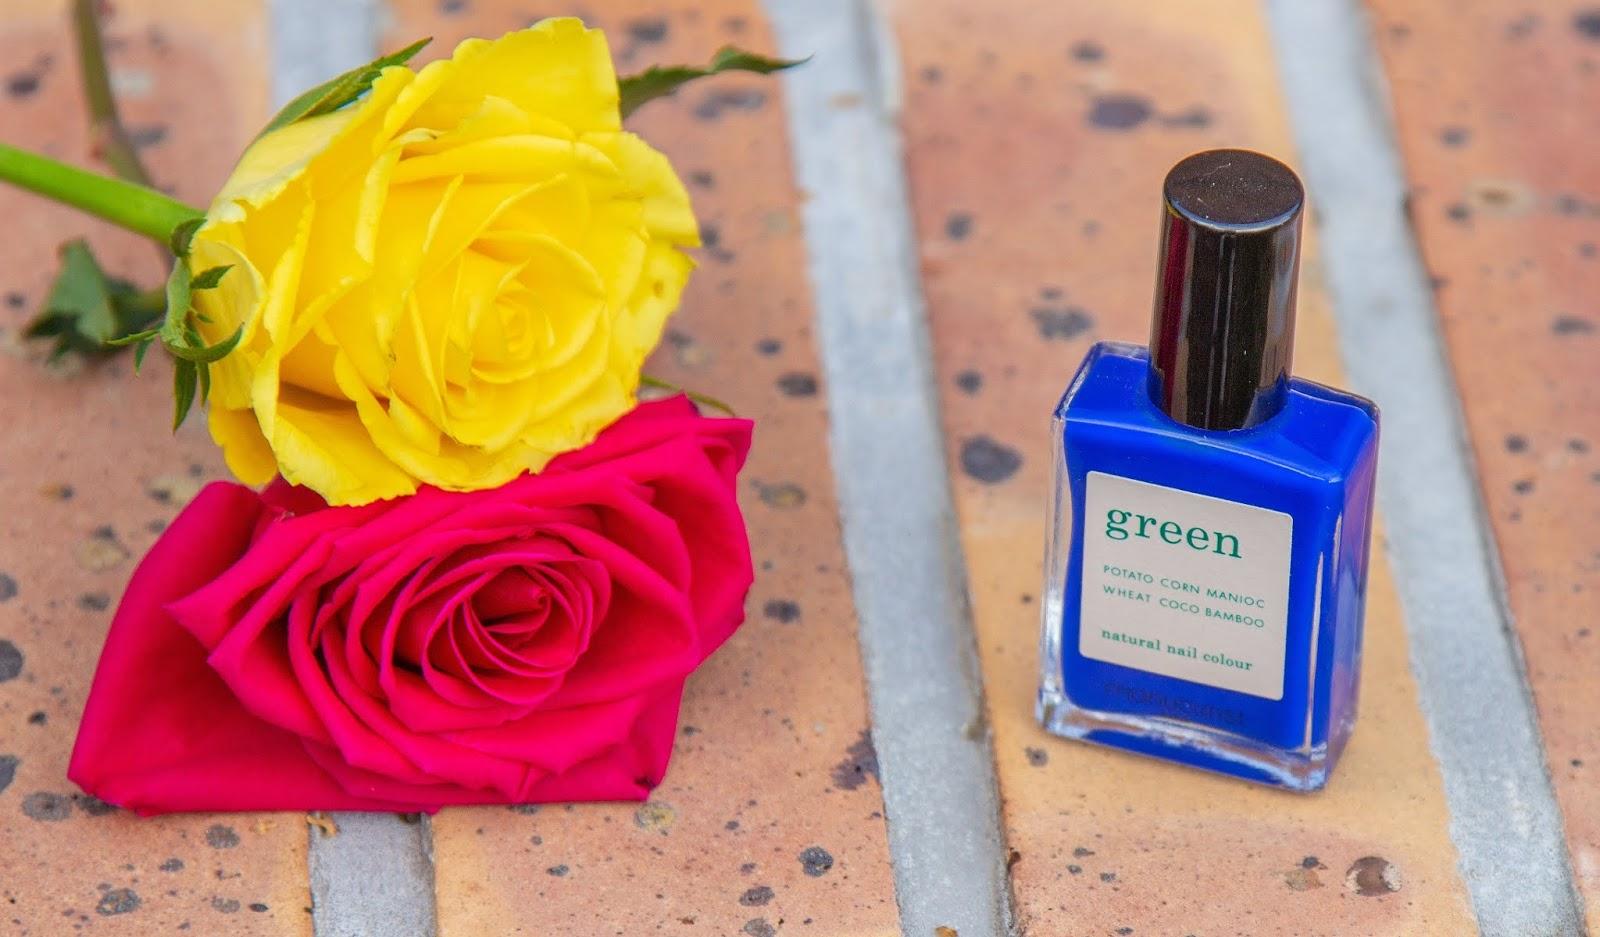 vernis-green-manucurist-bleu-ultramarine